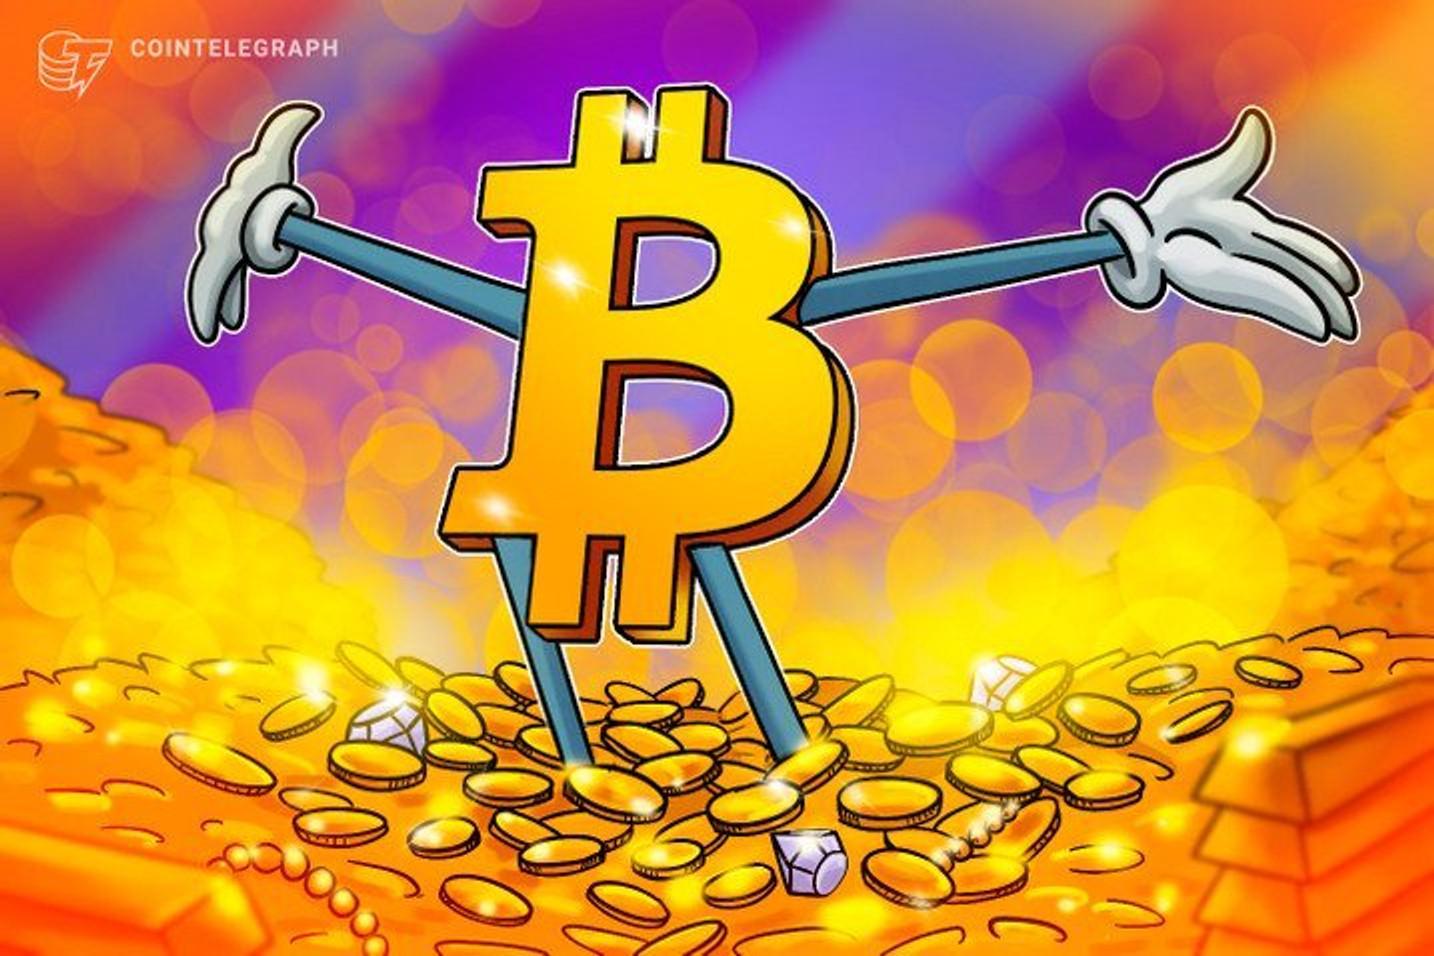 Grayscale ha comprado 60.000 Bitcoins en los últimos 100 días y tiene hasta 343.594 BTCs